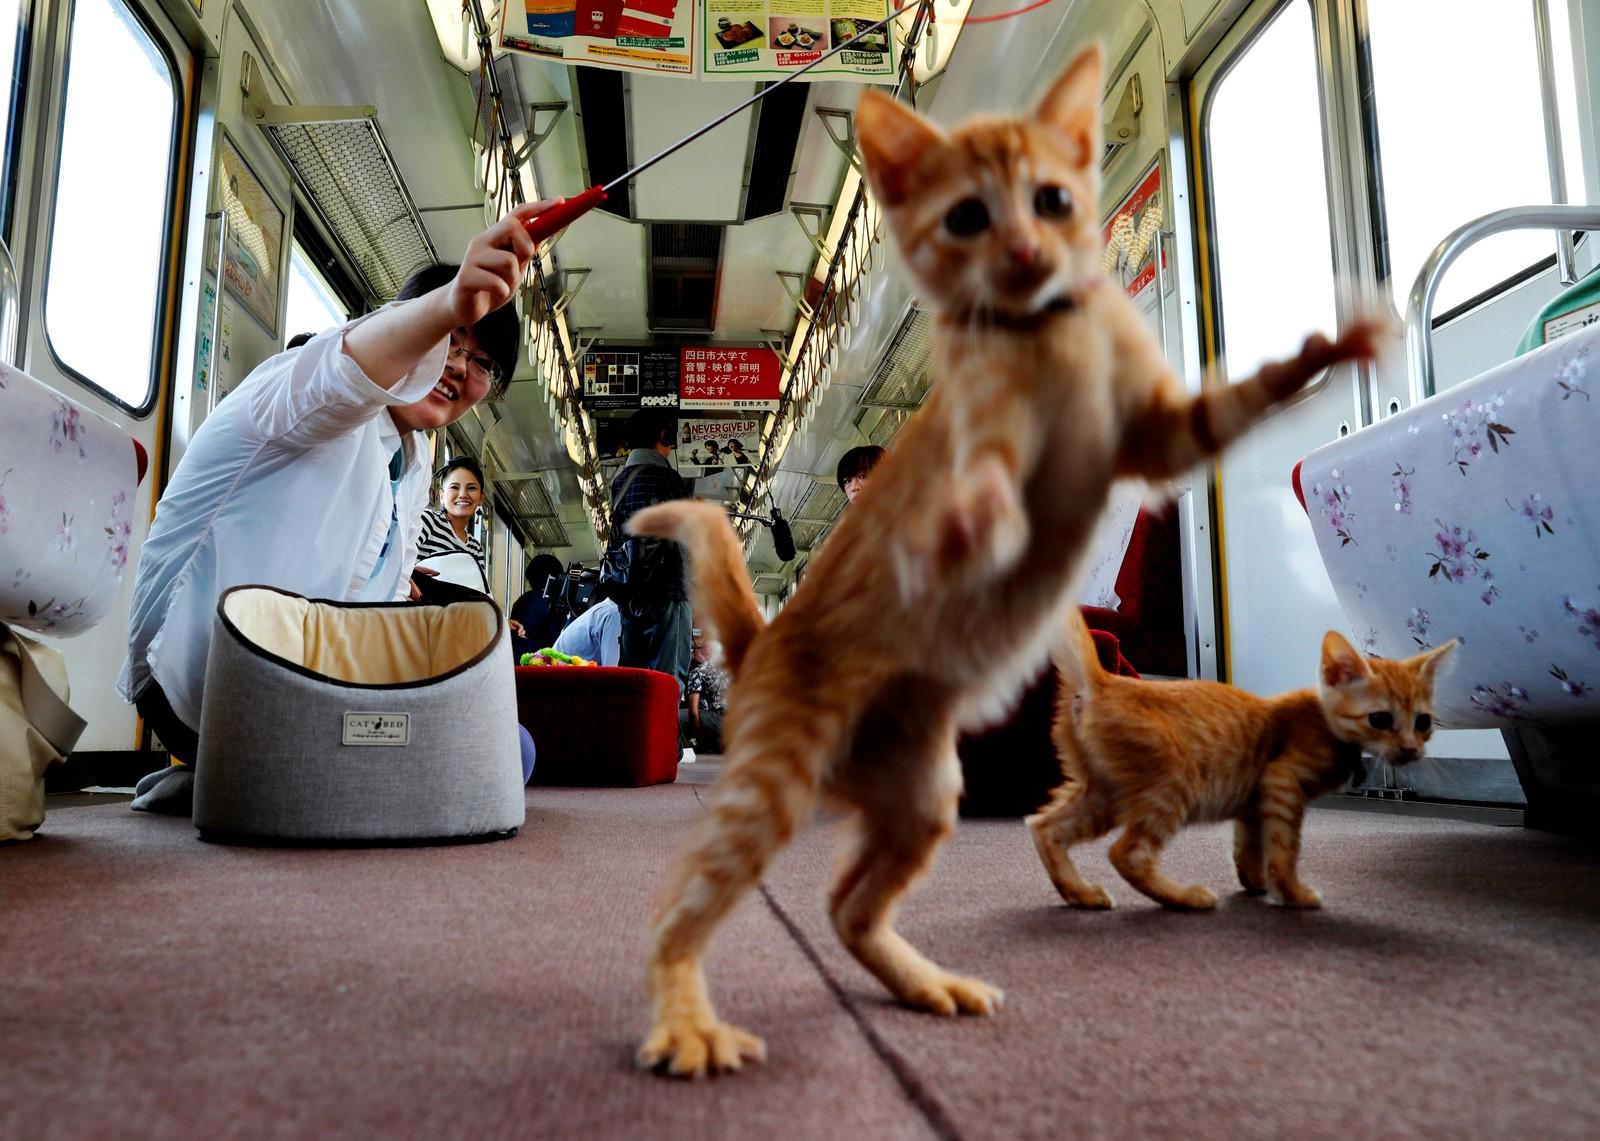 En passasjer leker med katter i en togkattecafé i Ogaki i Japan.